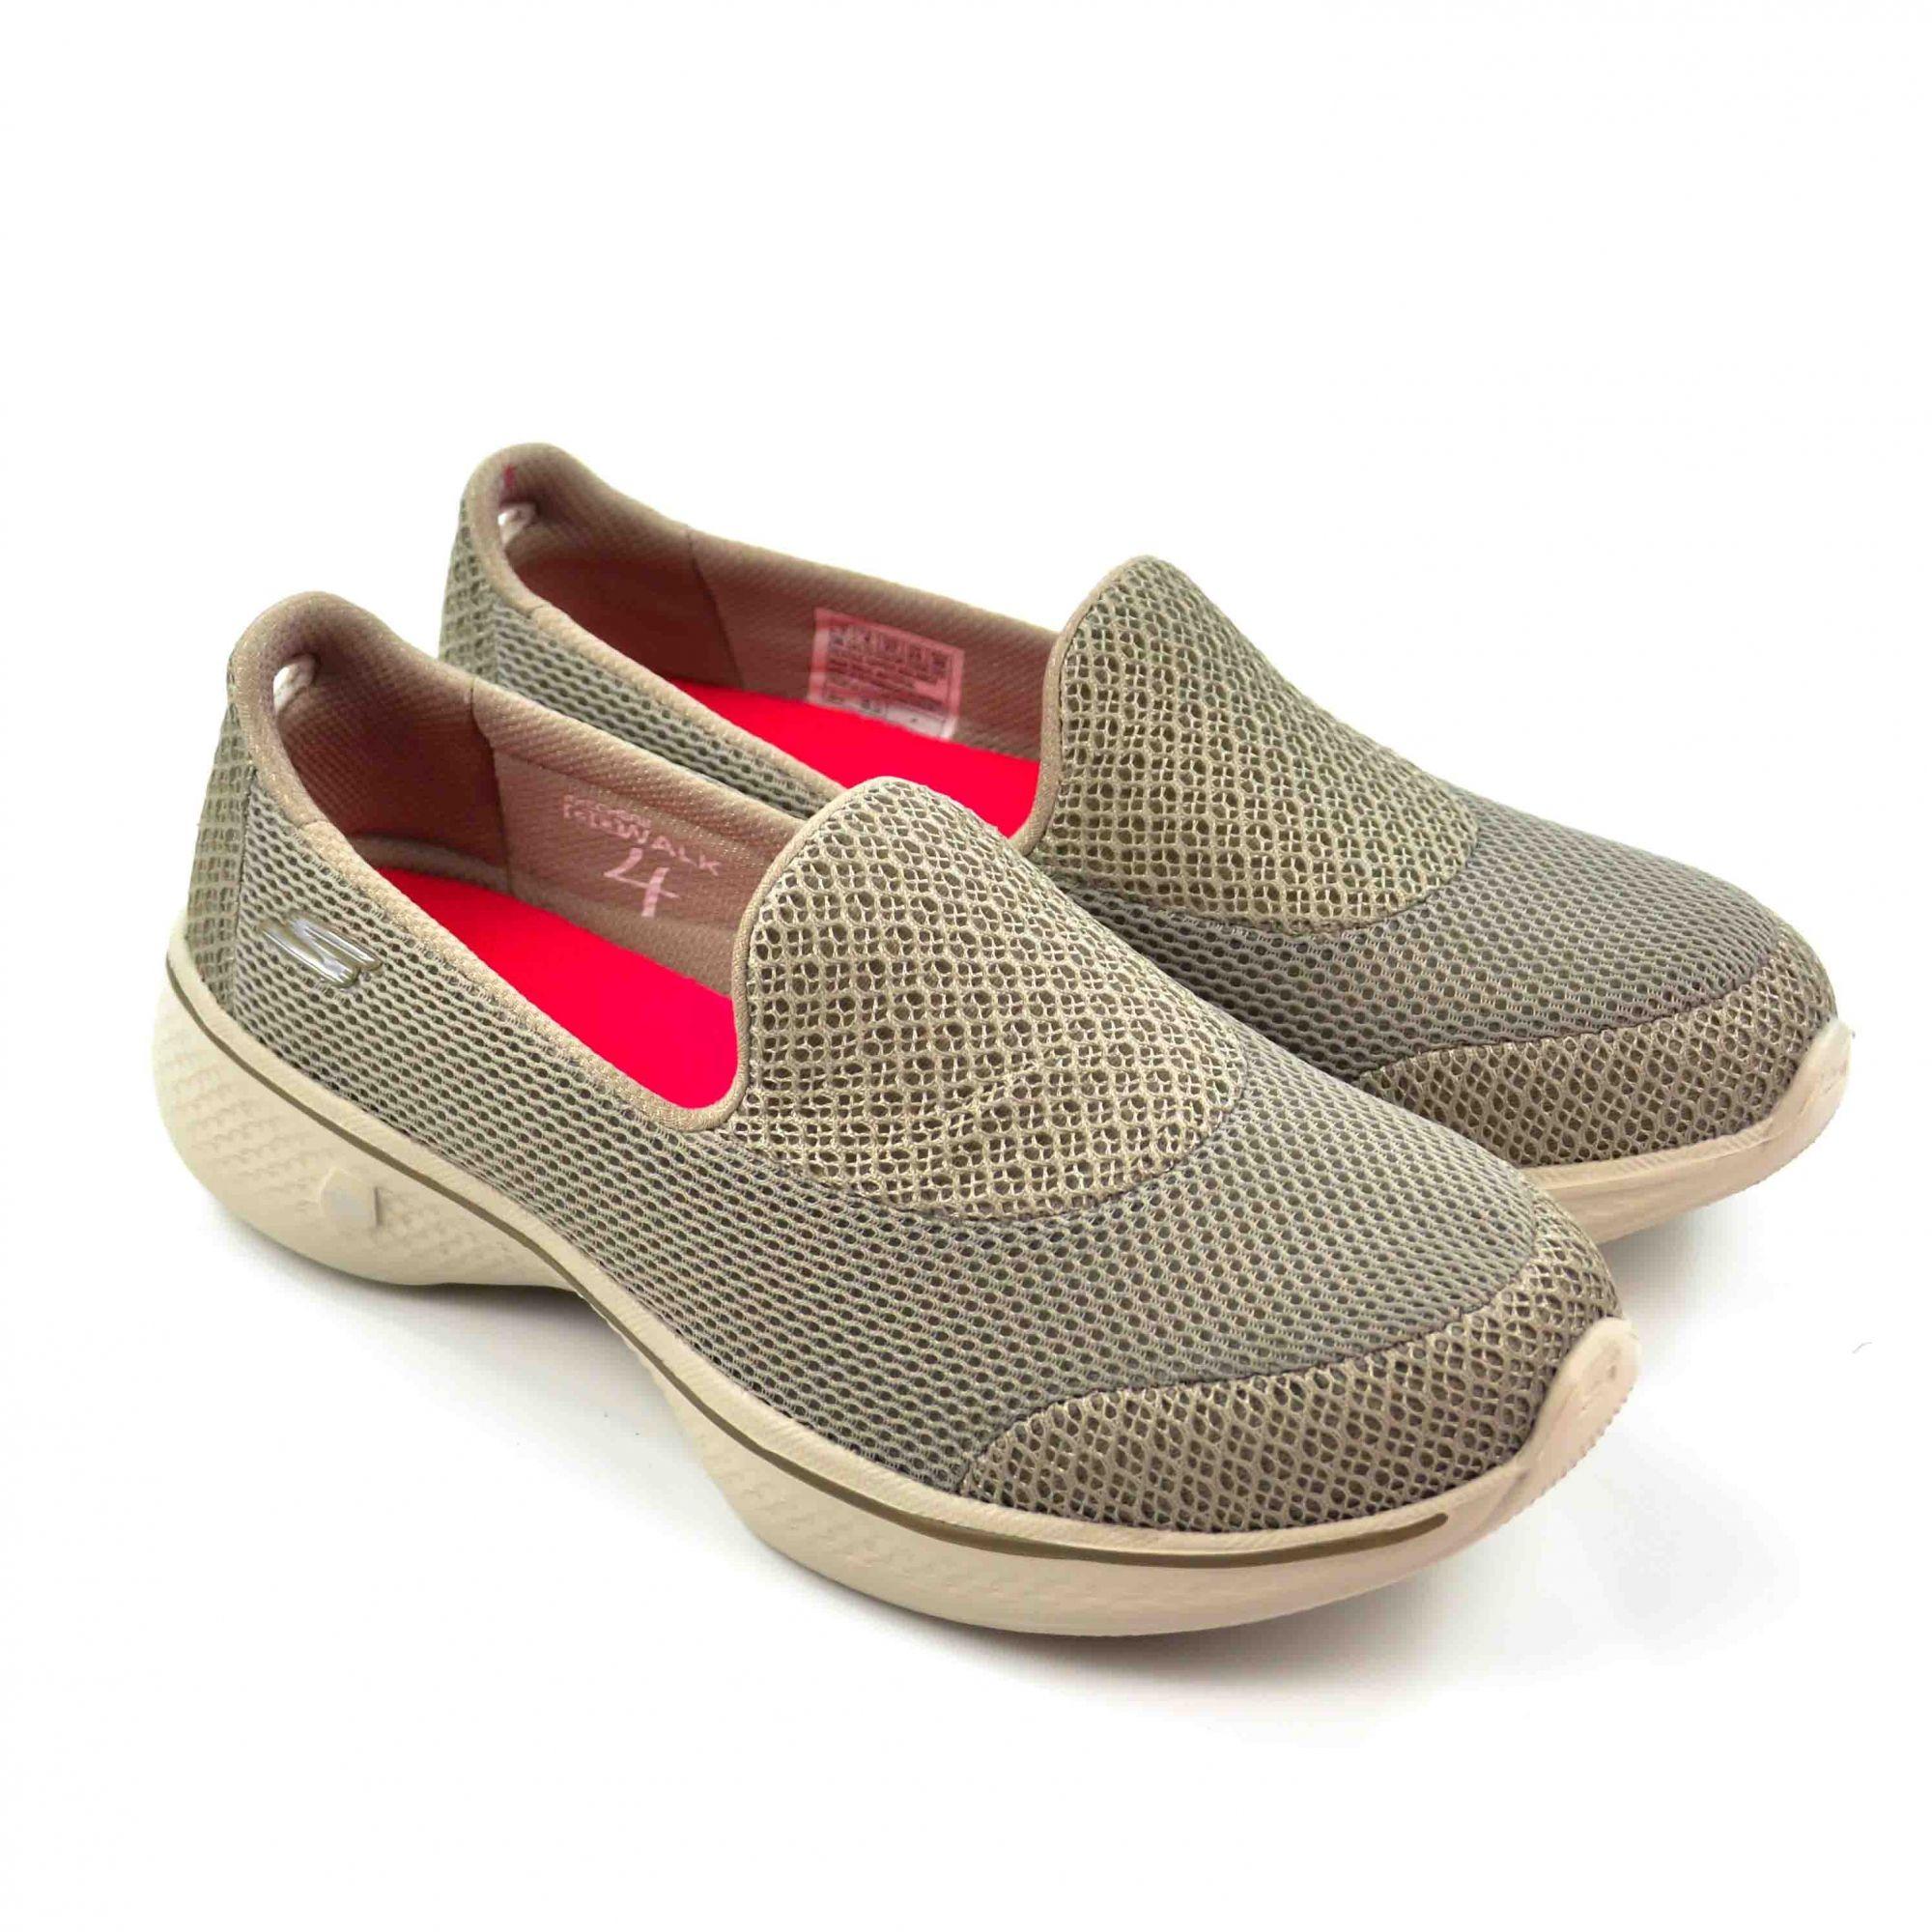 E> TENIS SLIP ON GO WALK 4 GOW-14170-TPE SKECHERS 18496